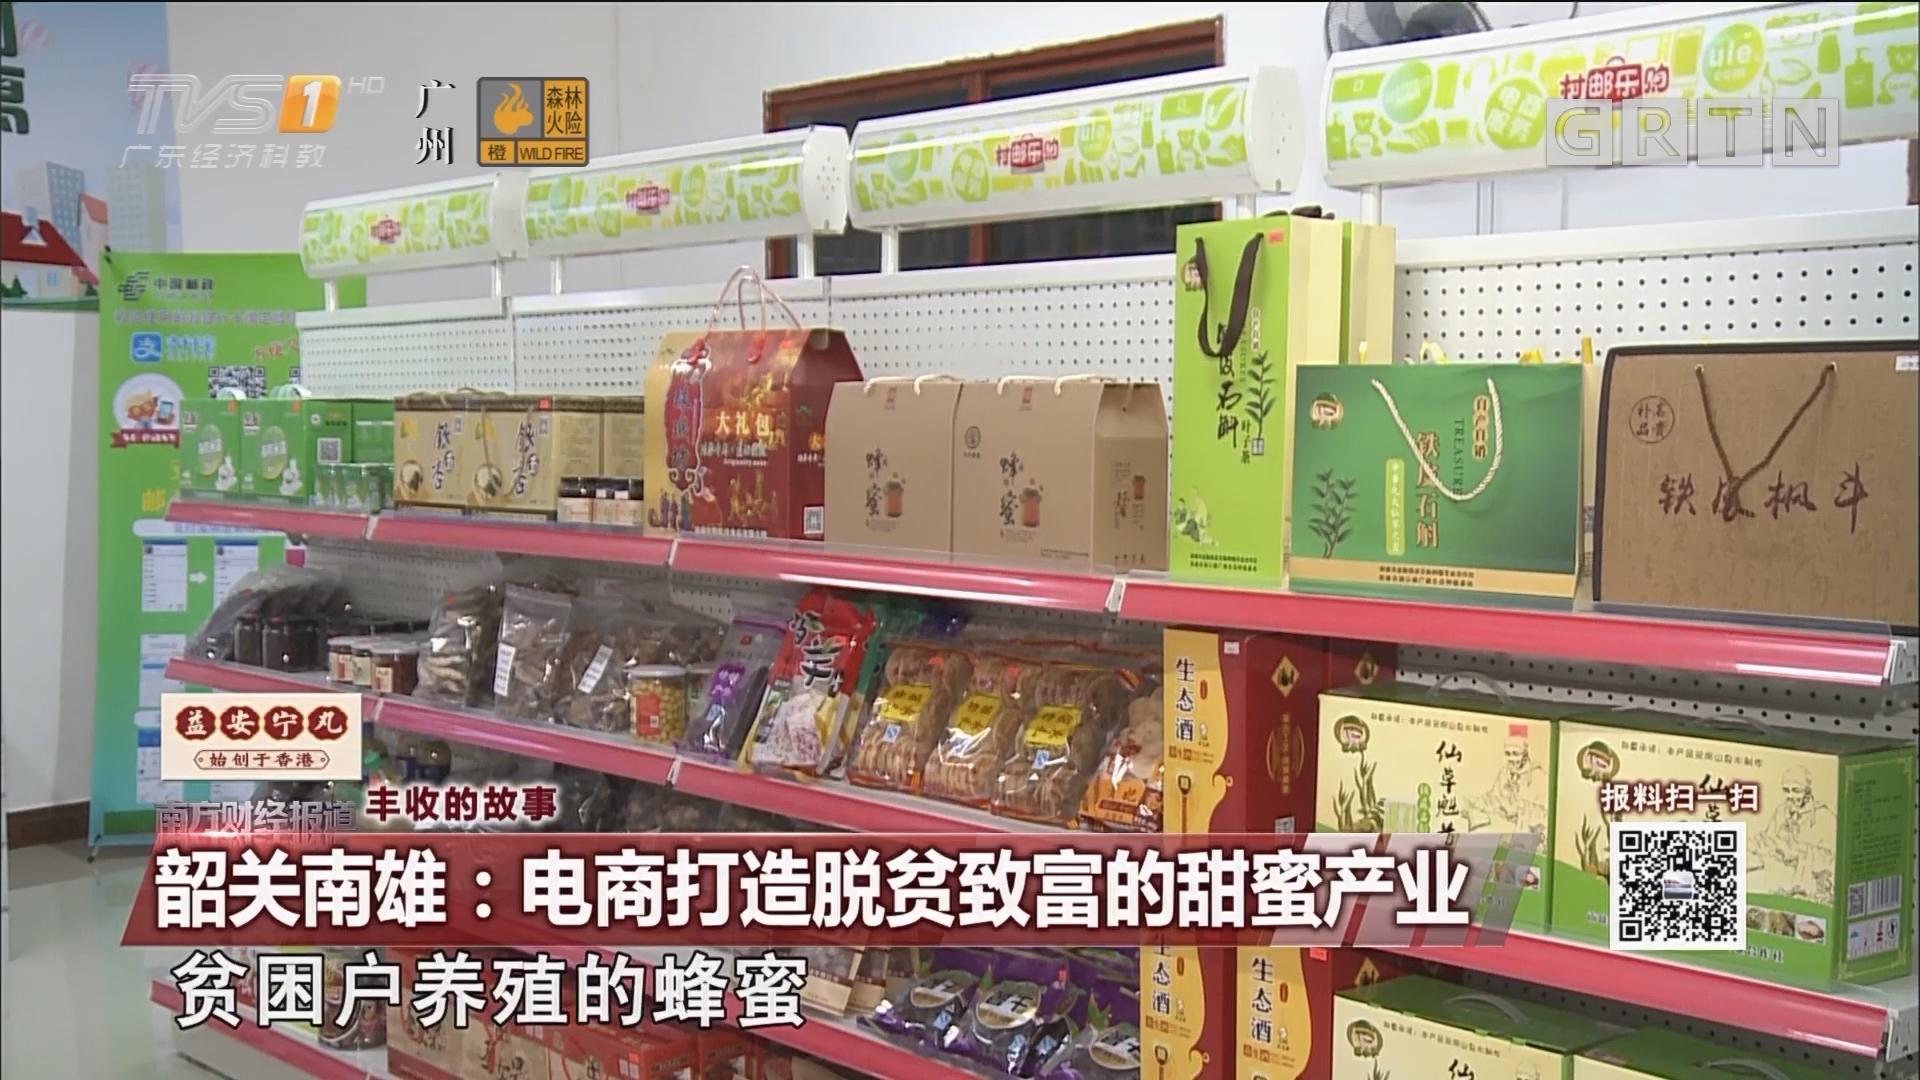 丰收的故事 韶关南雄:电商打造脱贫致富的甜蜜产业(二)